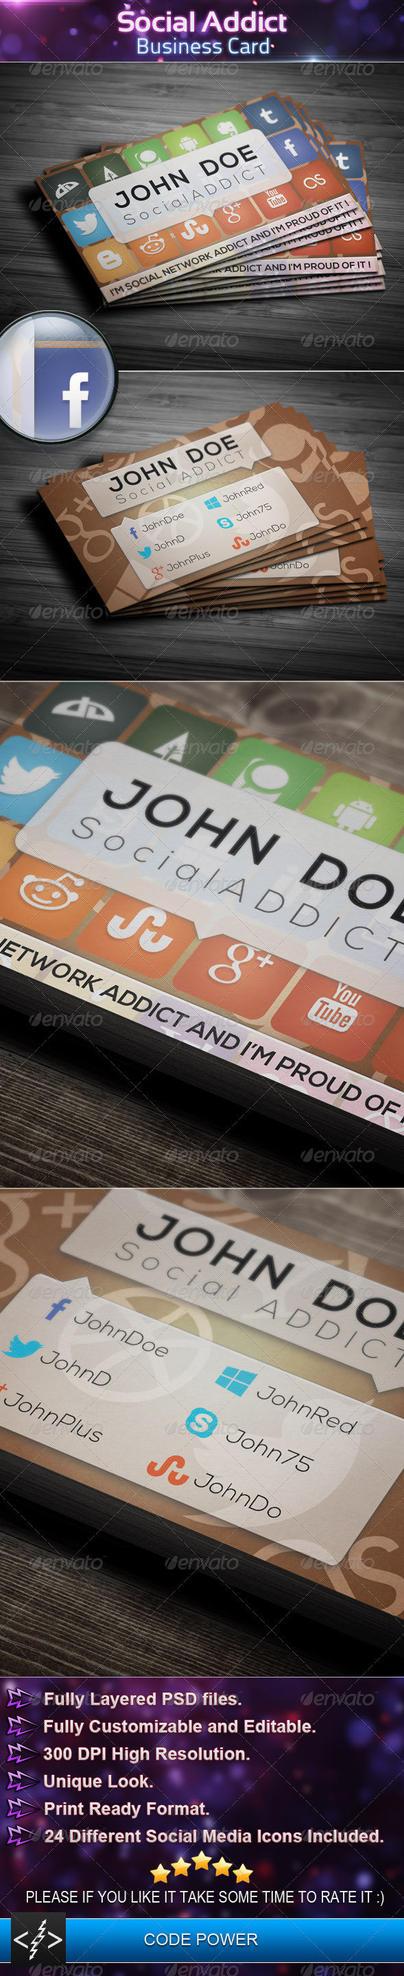 Social Addict - Business Card by khaledzz9